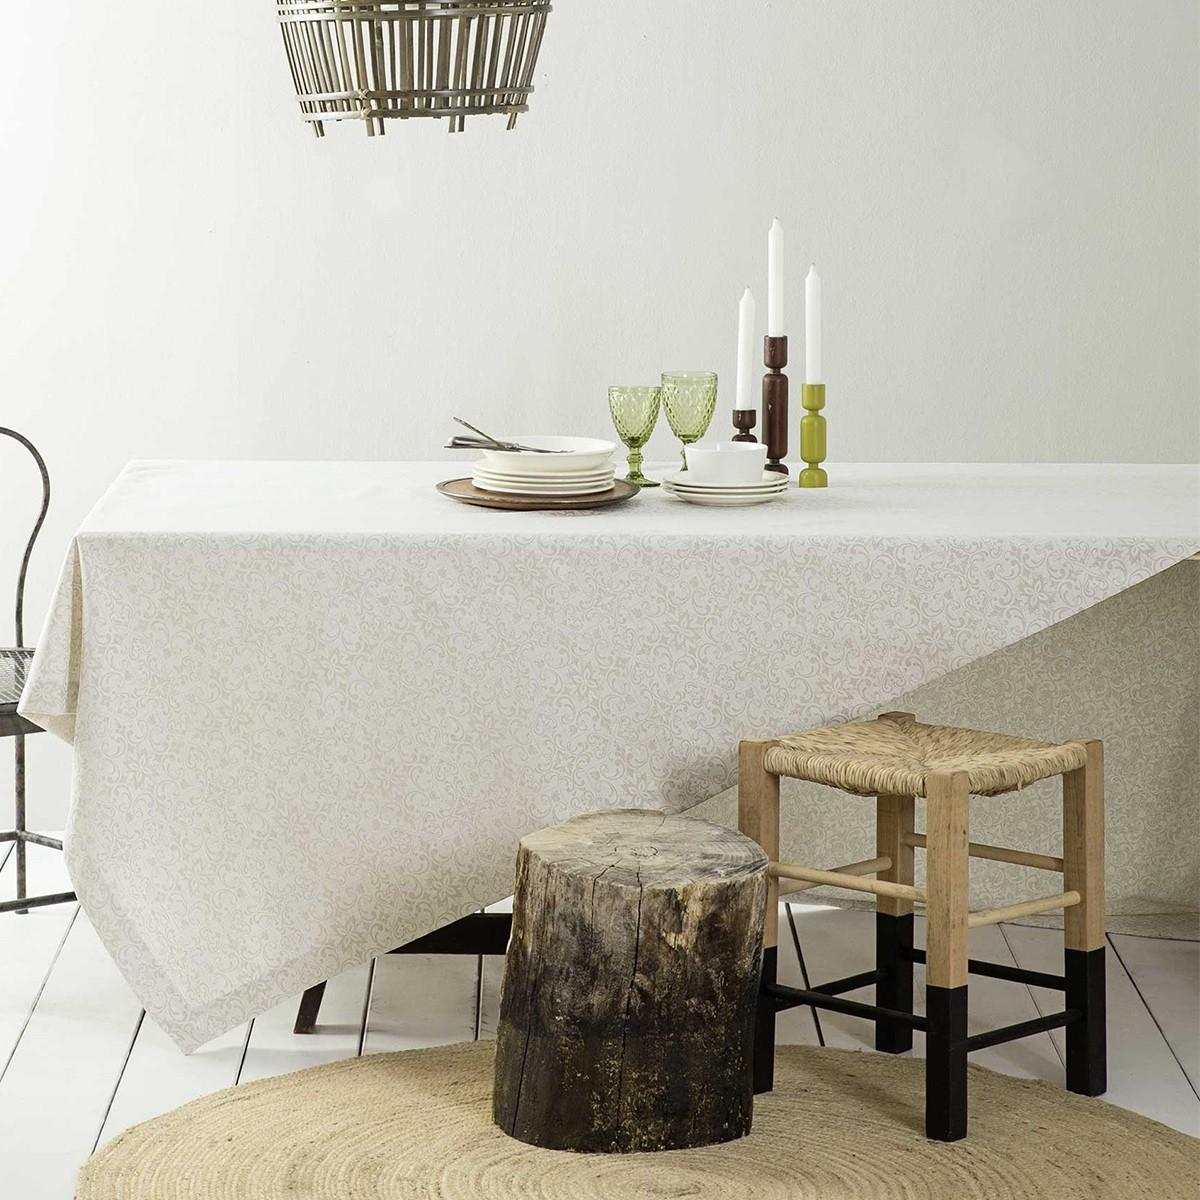 Τραβέρσα Nima Table Linen Albero Beige